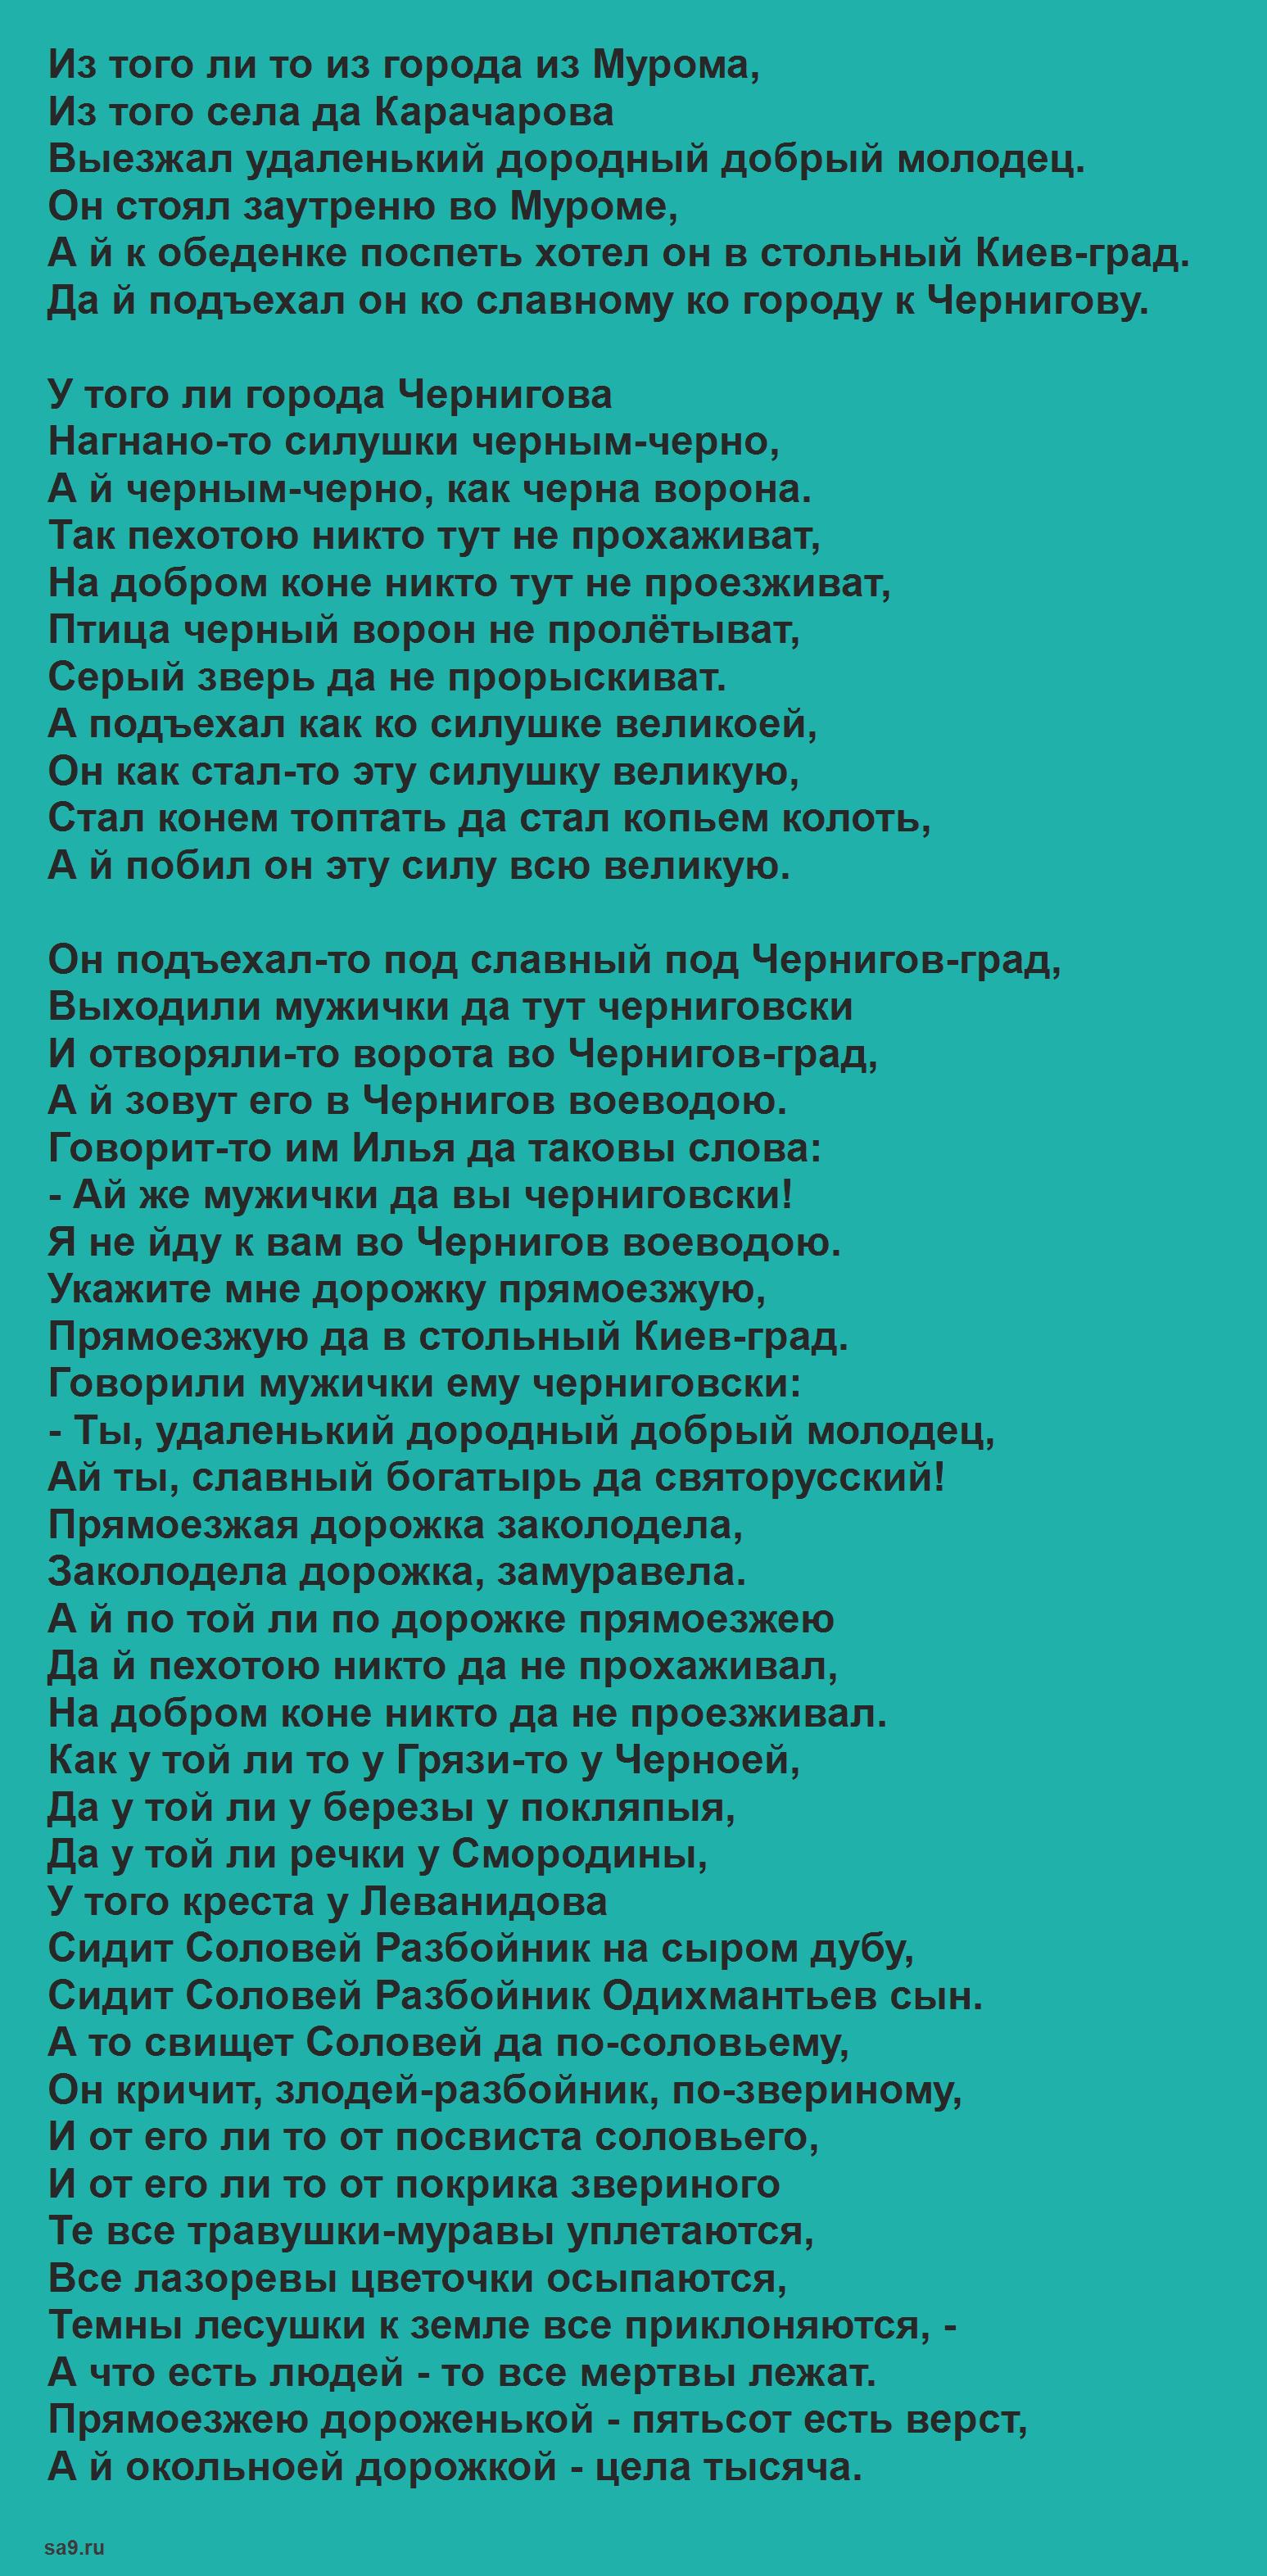 Былина - Илья Муромец и Соловей Разбойник